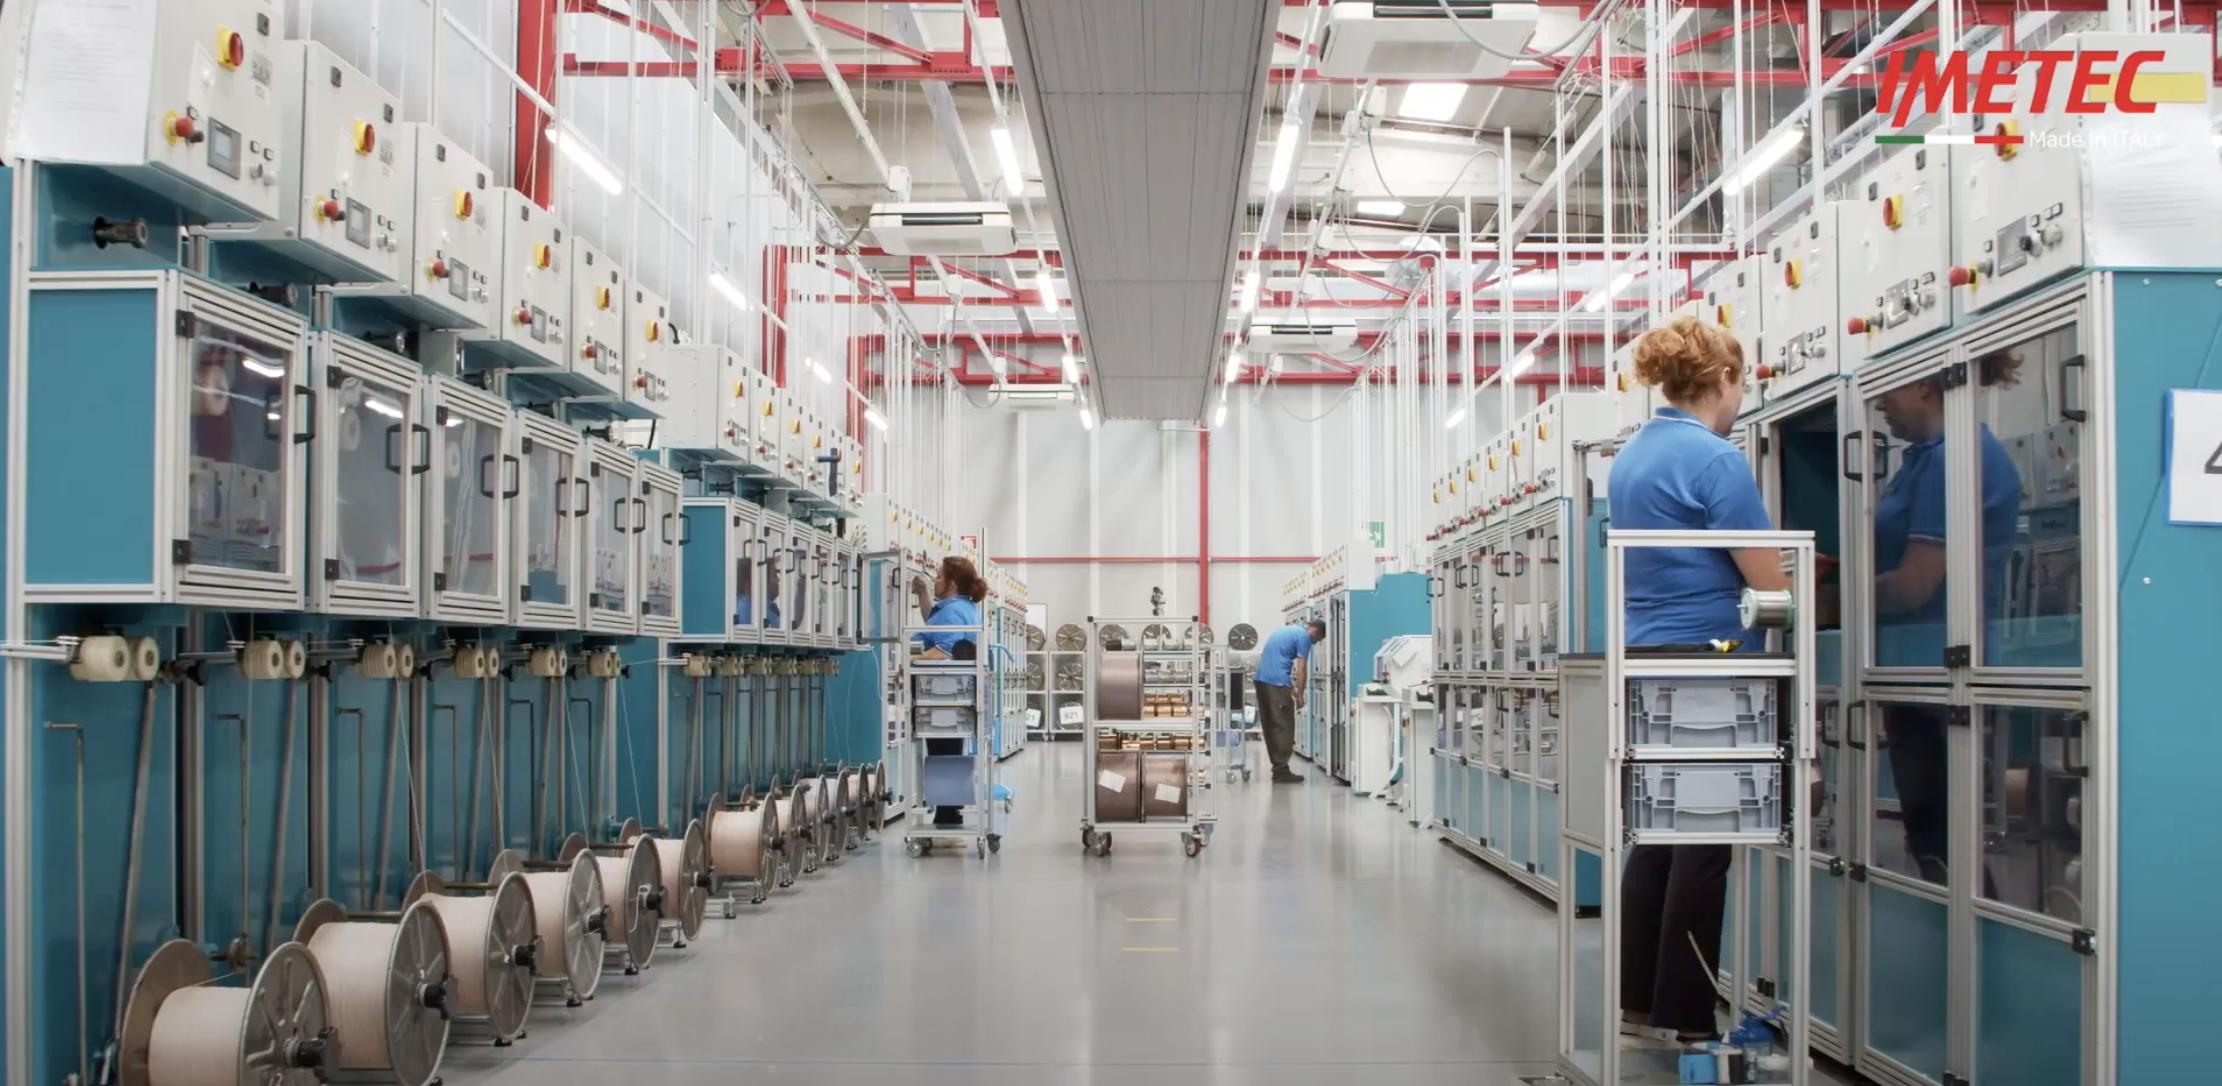 이탈리아🇮🇹 이메텍 현지 공장의 최첨단 로봇 공정 제조 영상